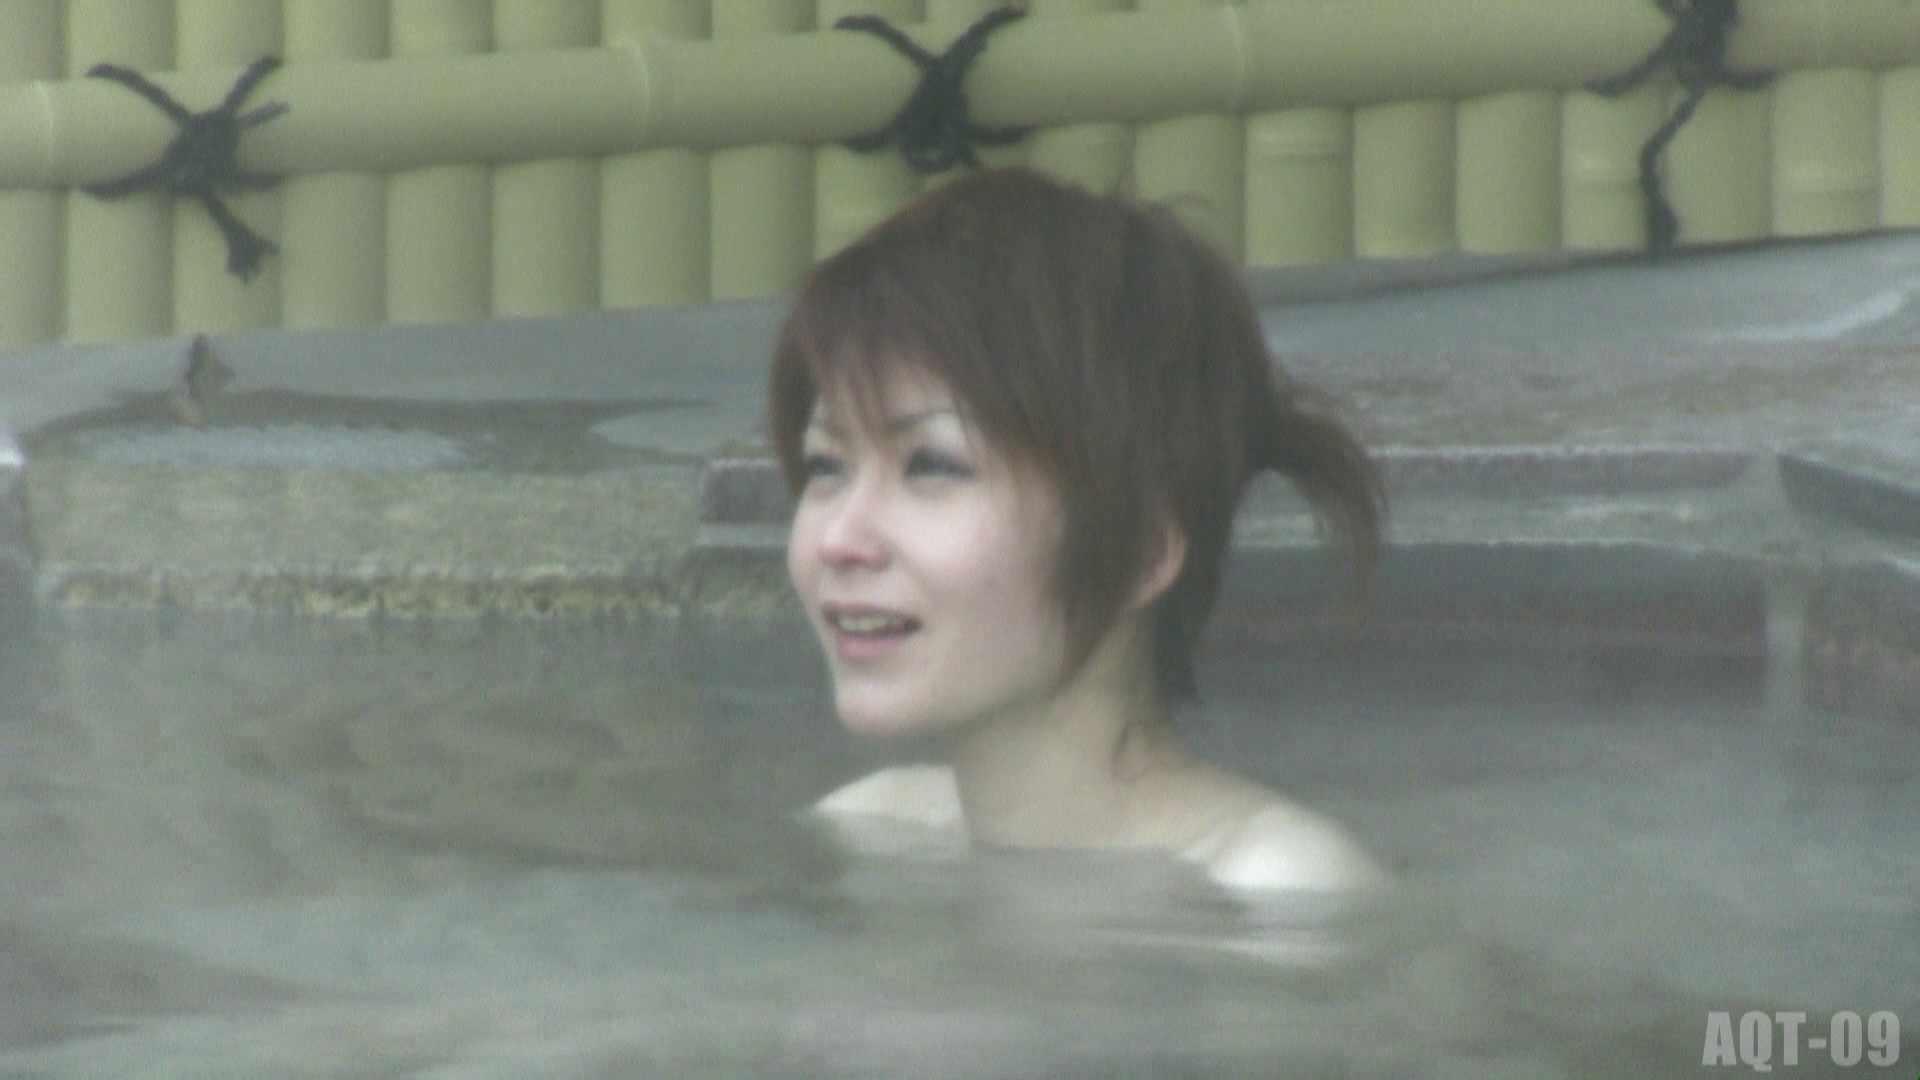 Aquaな露天風呂Vol.779 盗撮動画 | 露天風呂  9枚 1